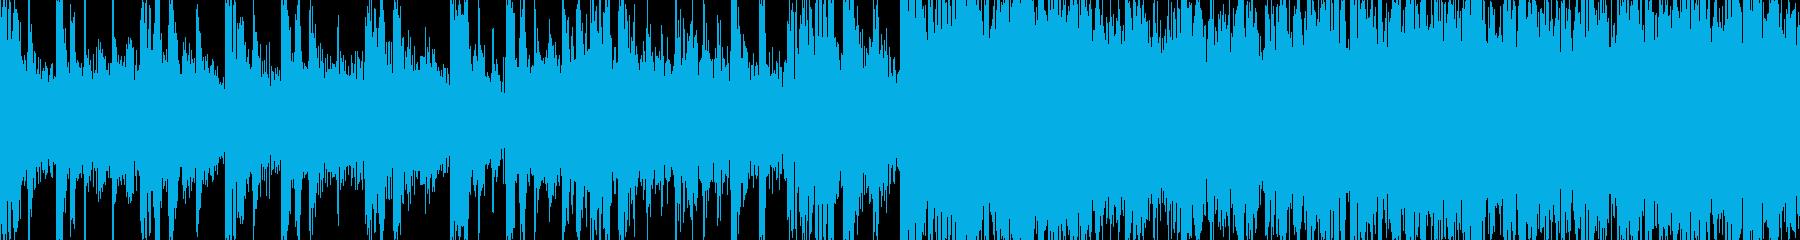 [ジングル][ループ仕様]レトロダンスの再生済みの波形